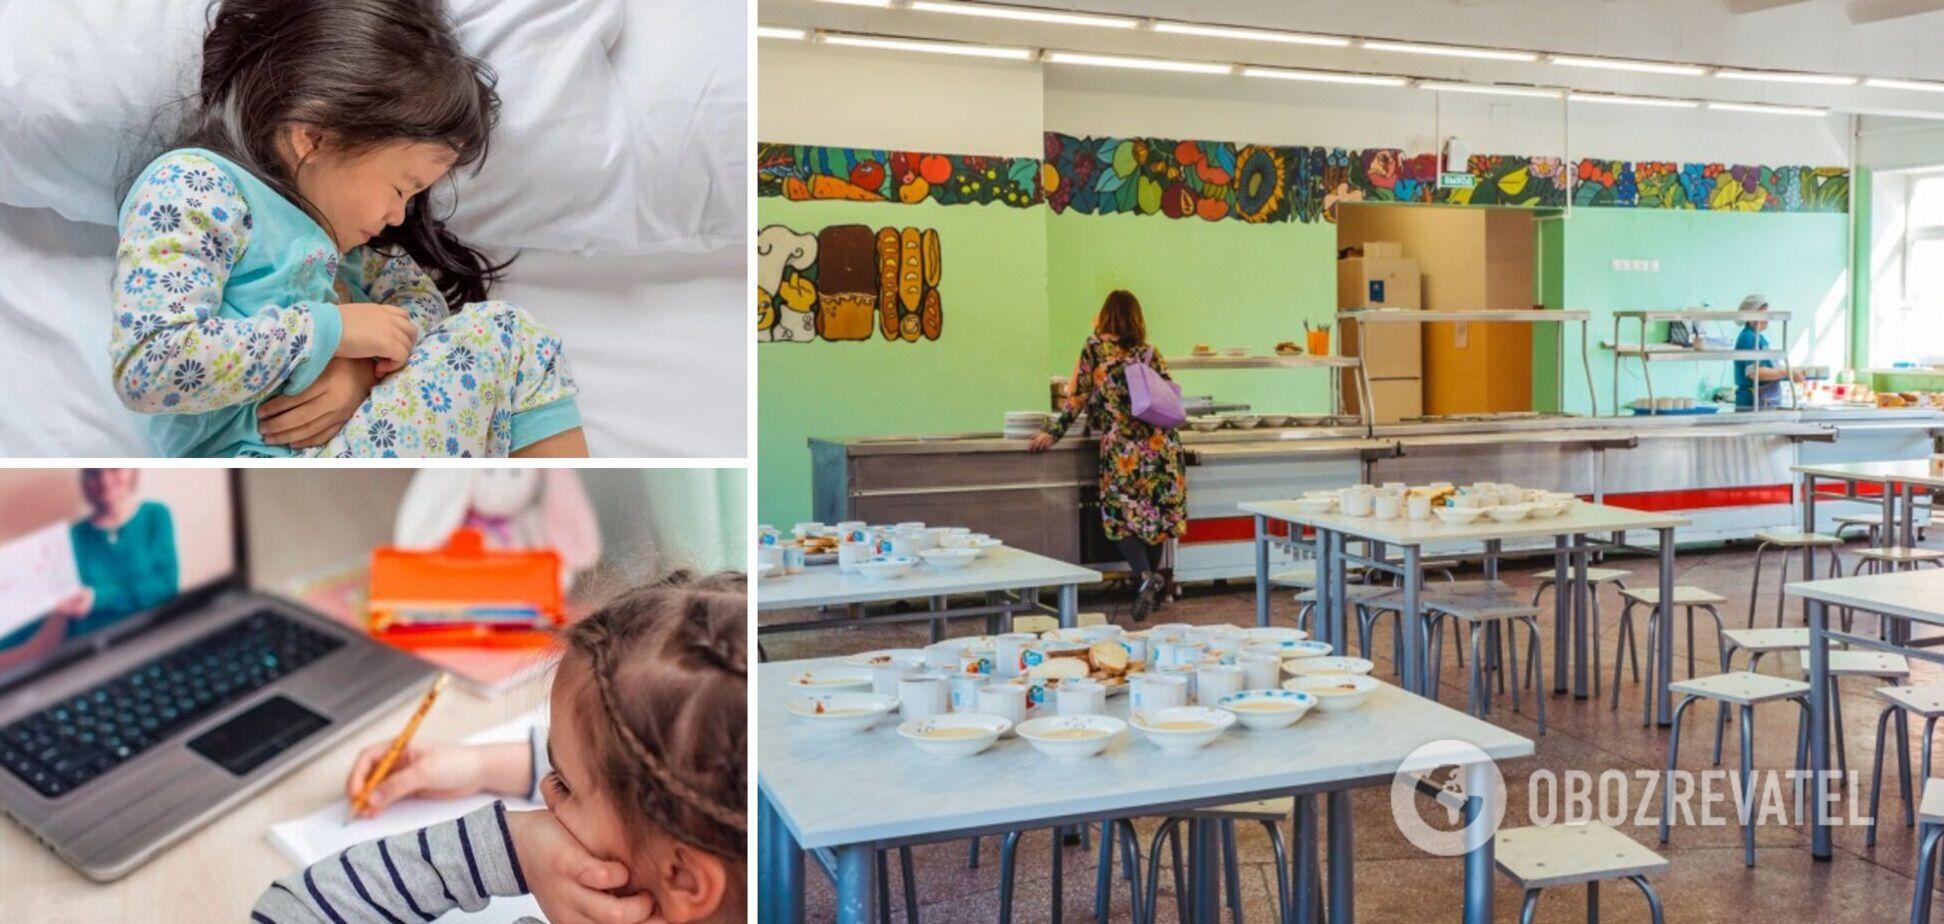 У Хмельницькому відбулося масове отруєння дітей: школу перевели на дистанційне навчання